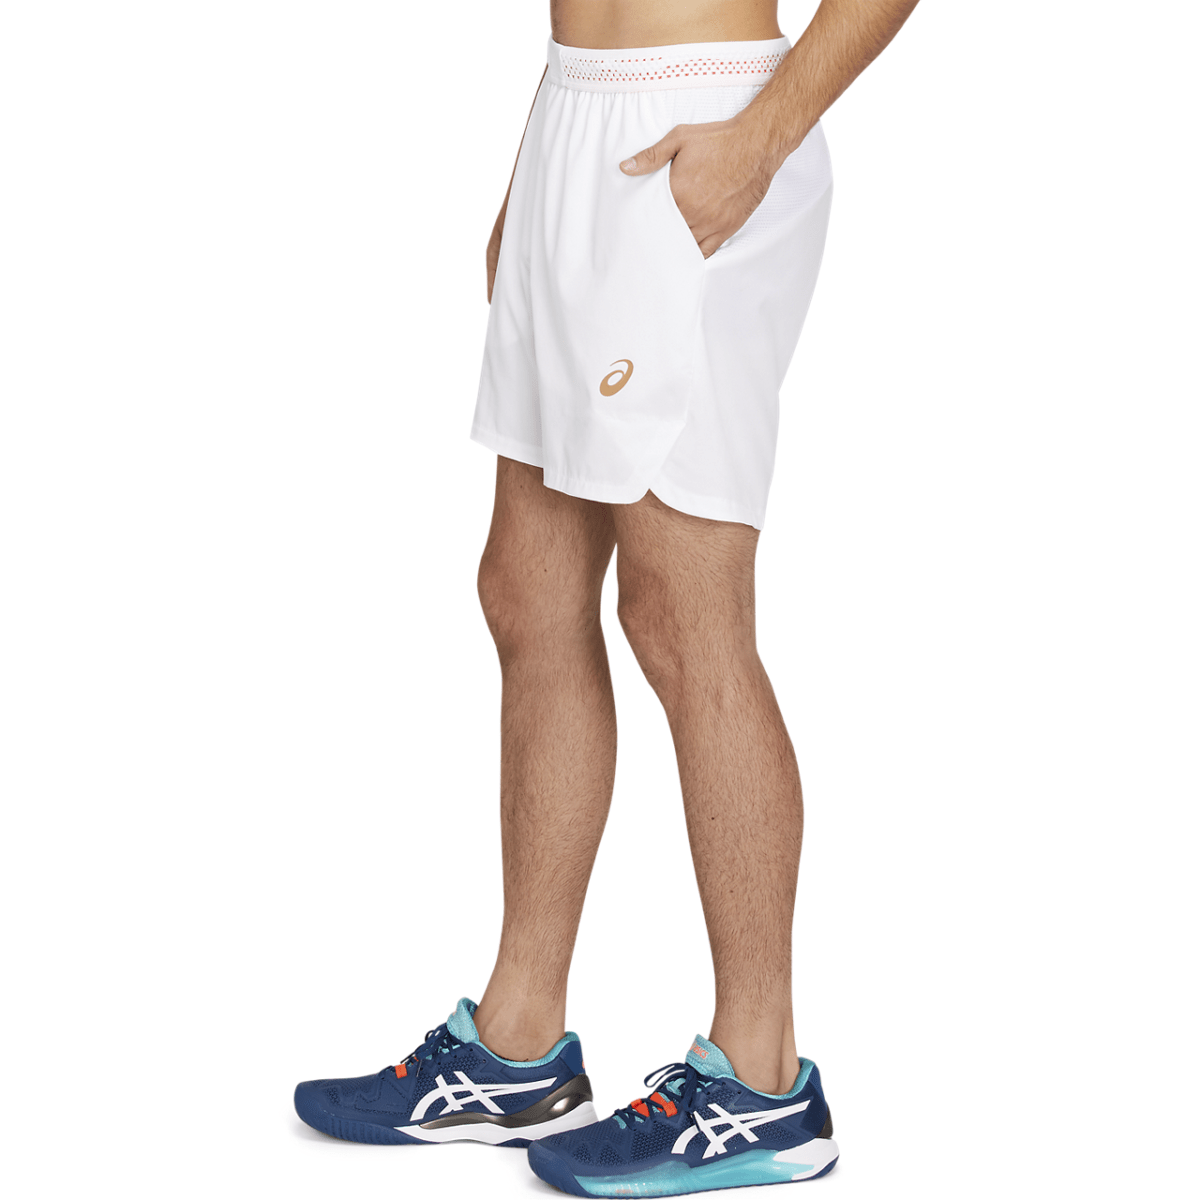 Lühikesed meeste tennisepüksid Asics Tennis M 7in Short 2021 (Brilliant White/Sunrise Red)